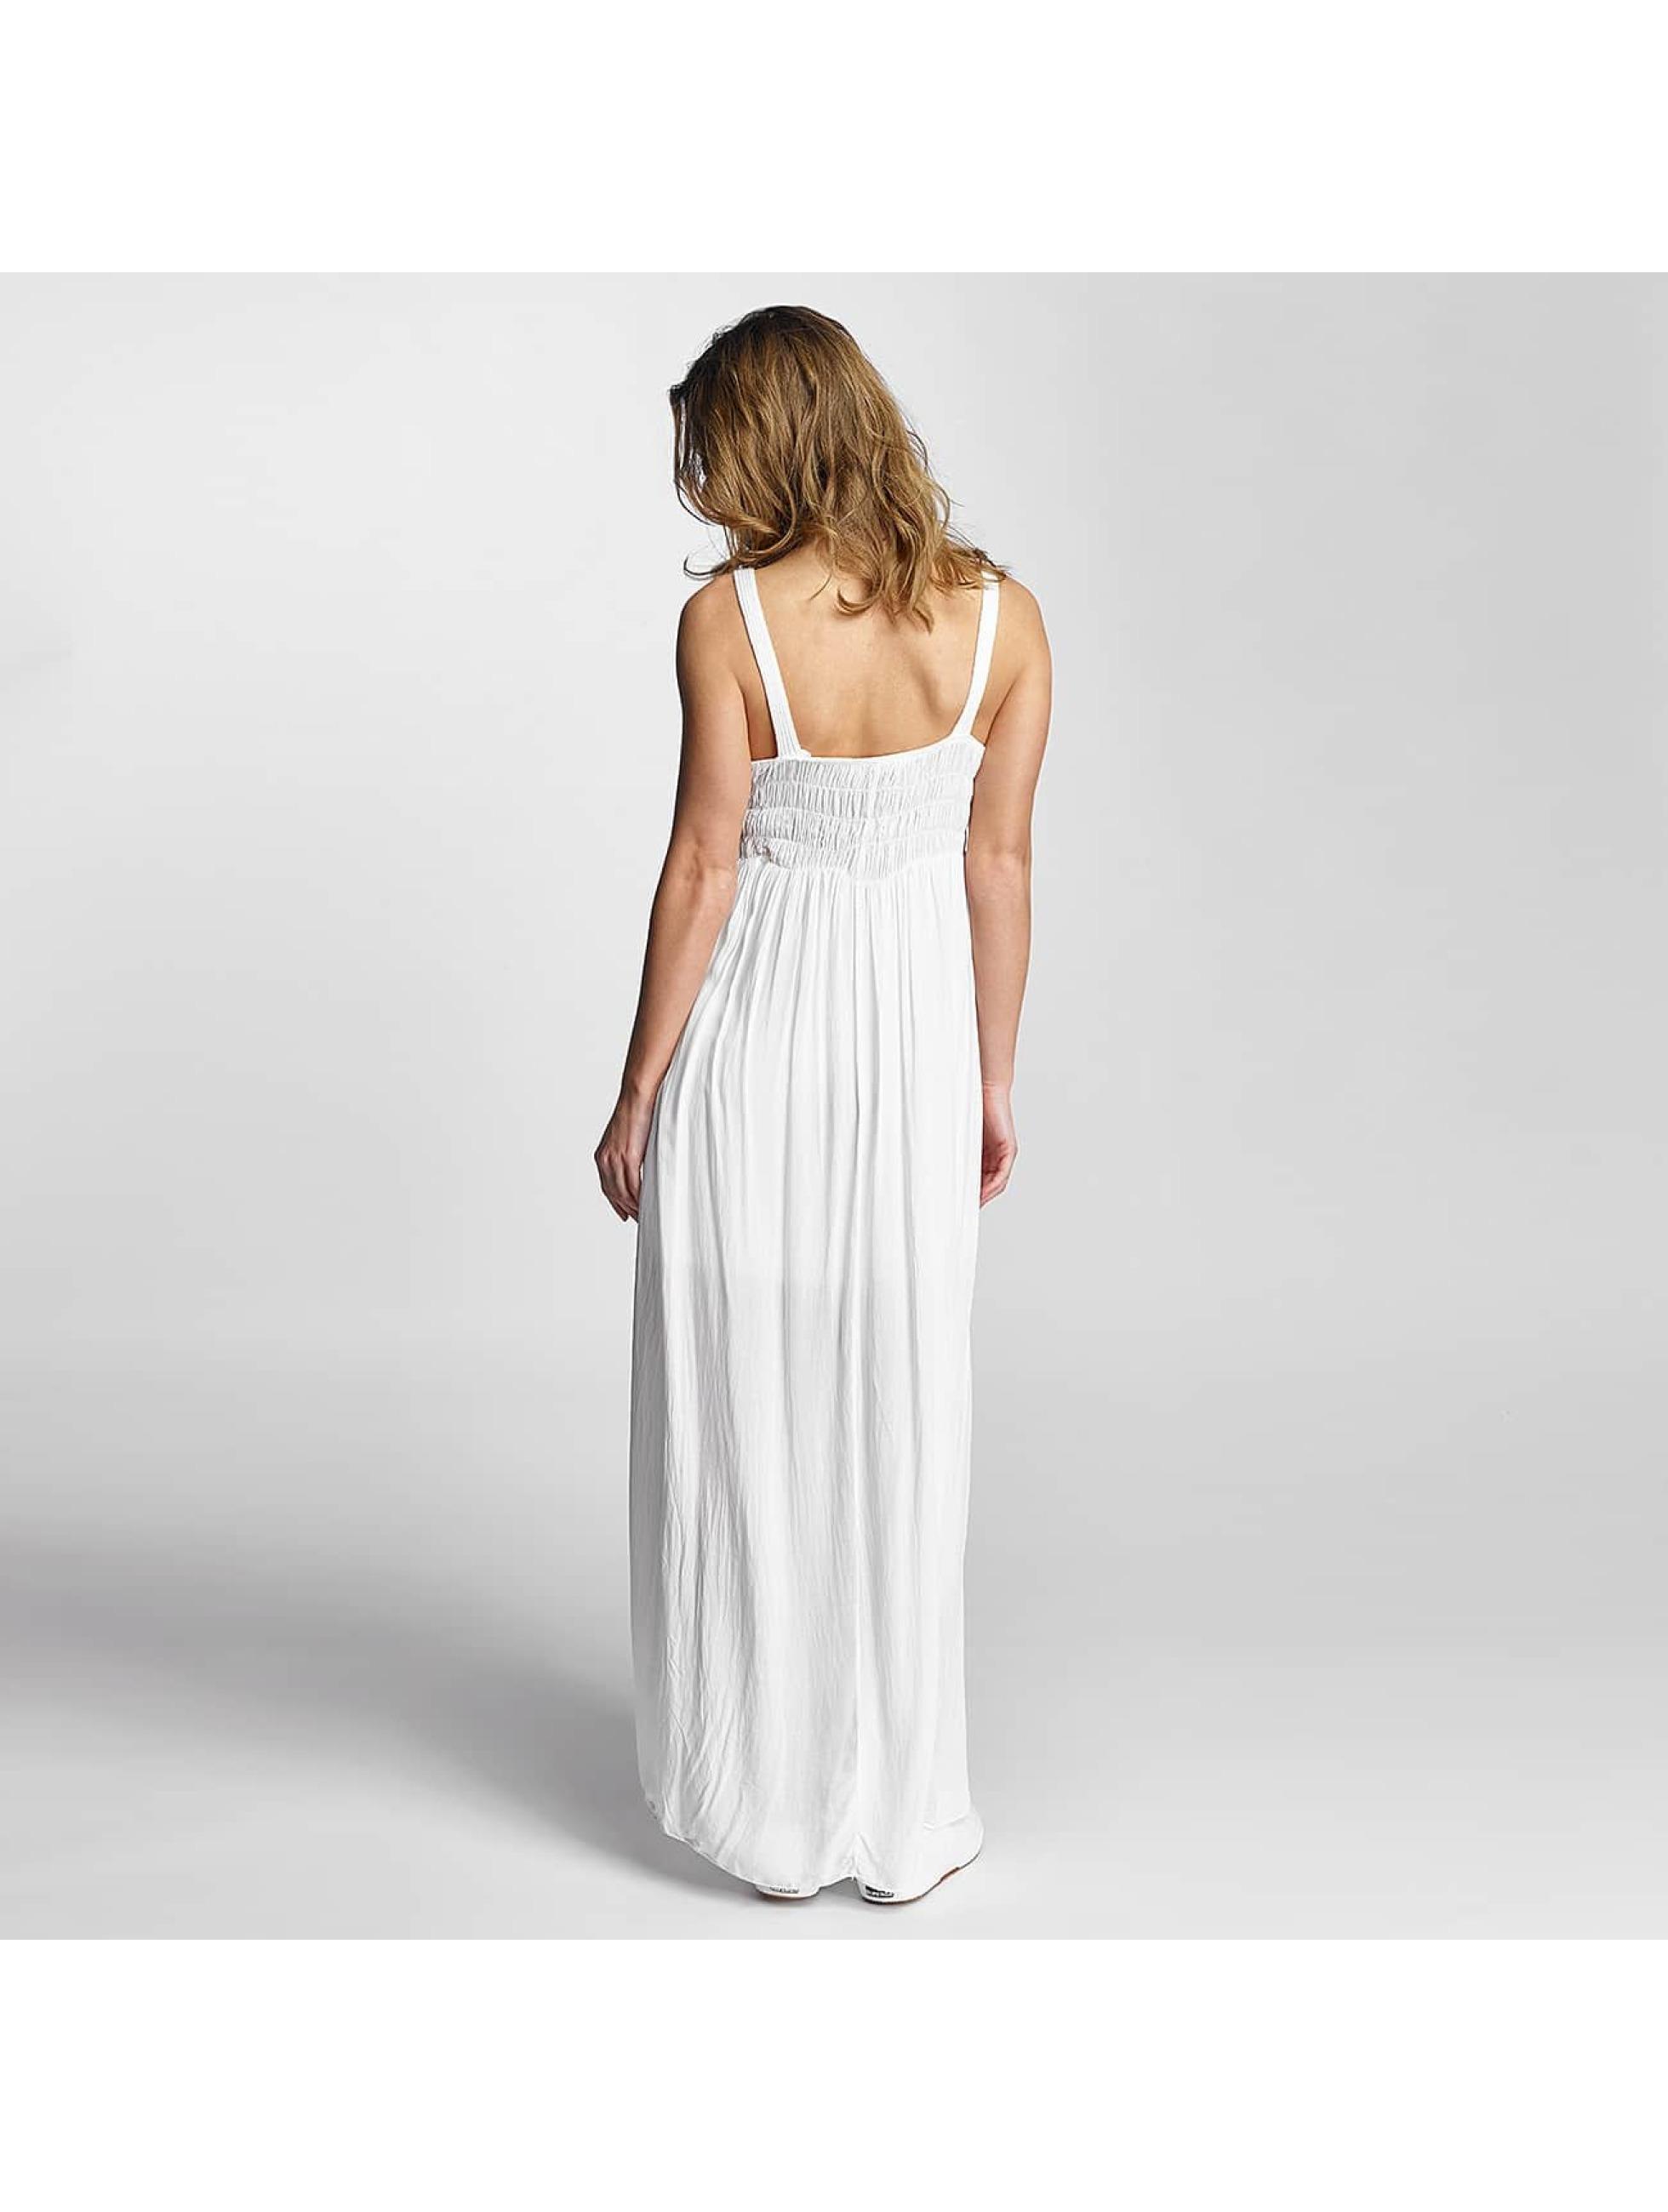 Poolgirl Dress Koko white